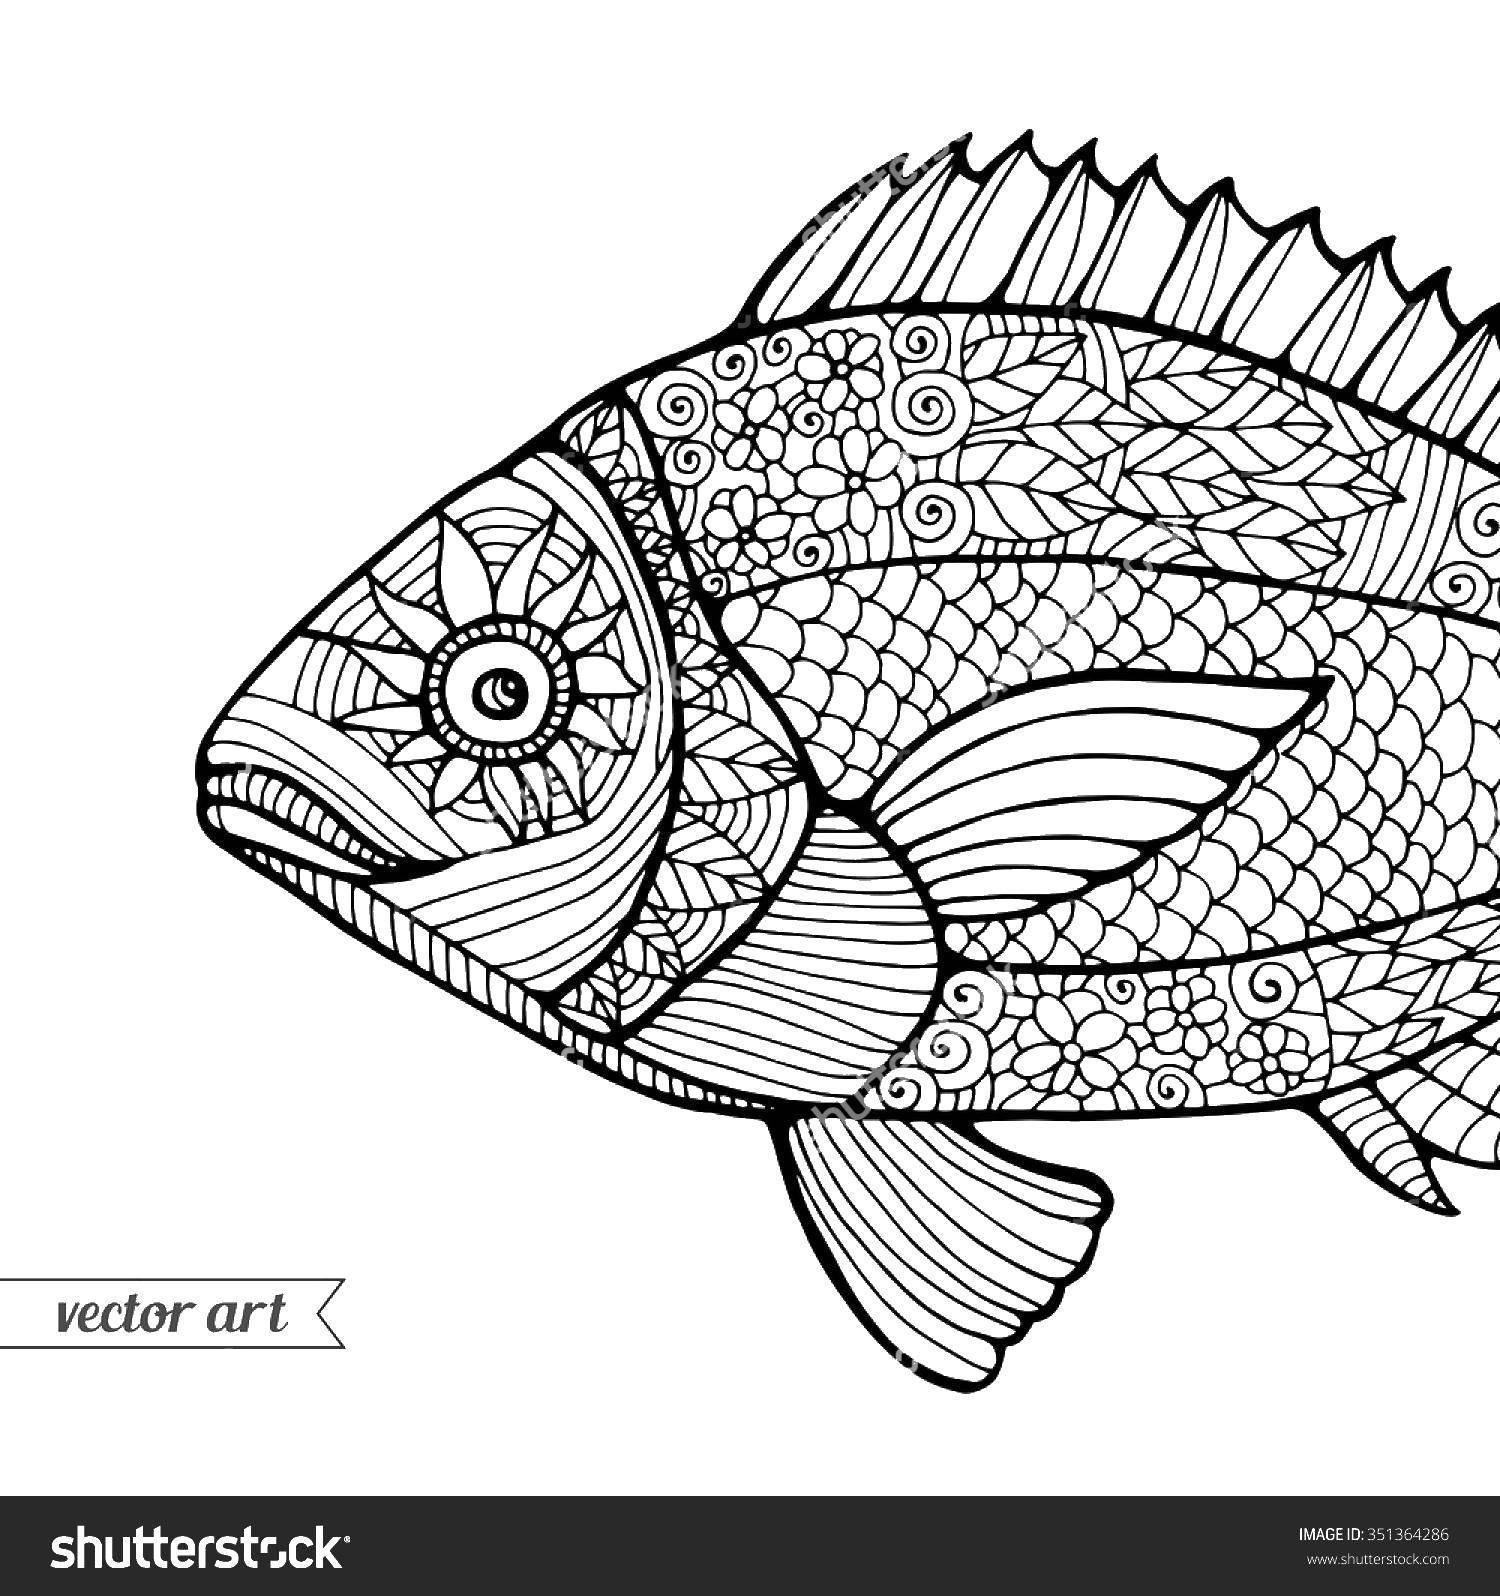 Название: Раскраска Рыба в узорах. Категория: узоры. Теги: узоры, рыбы.